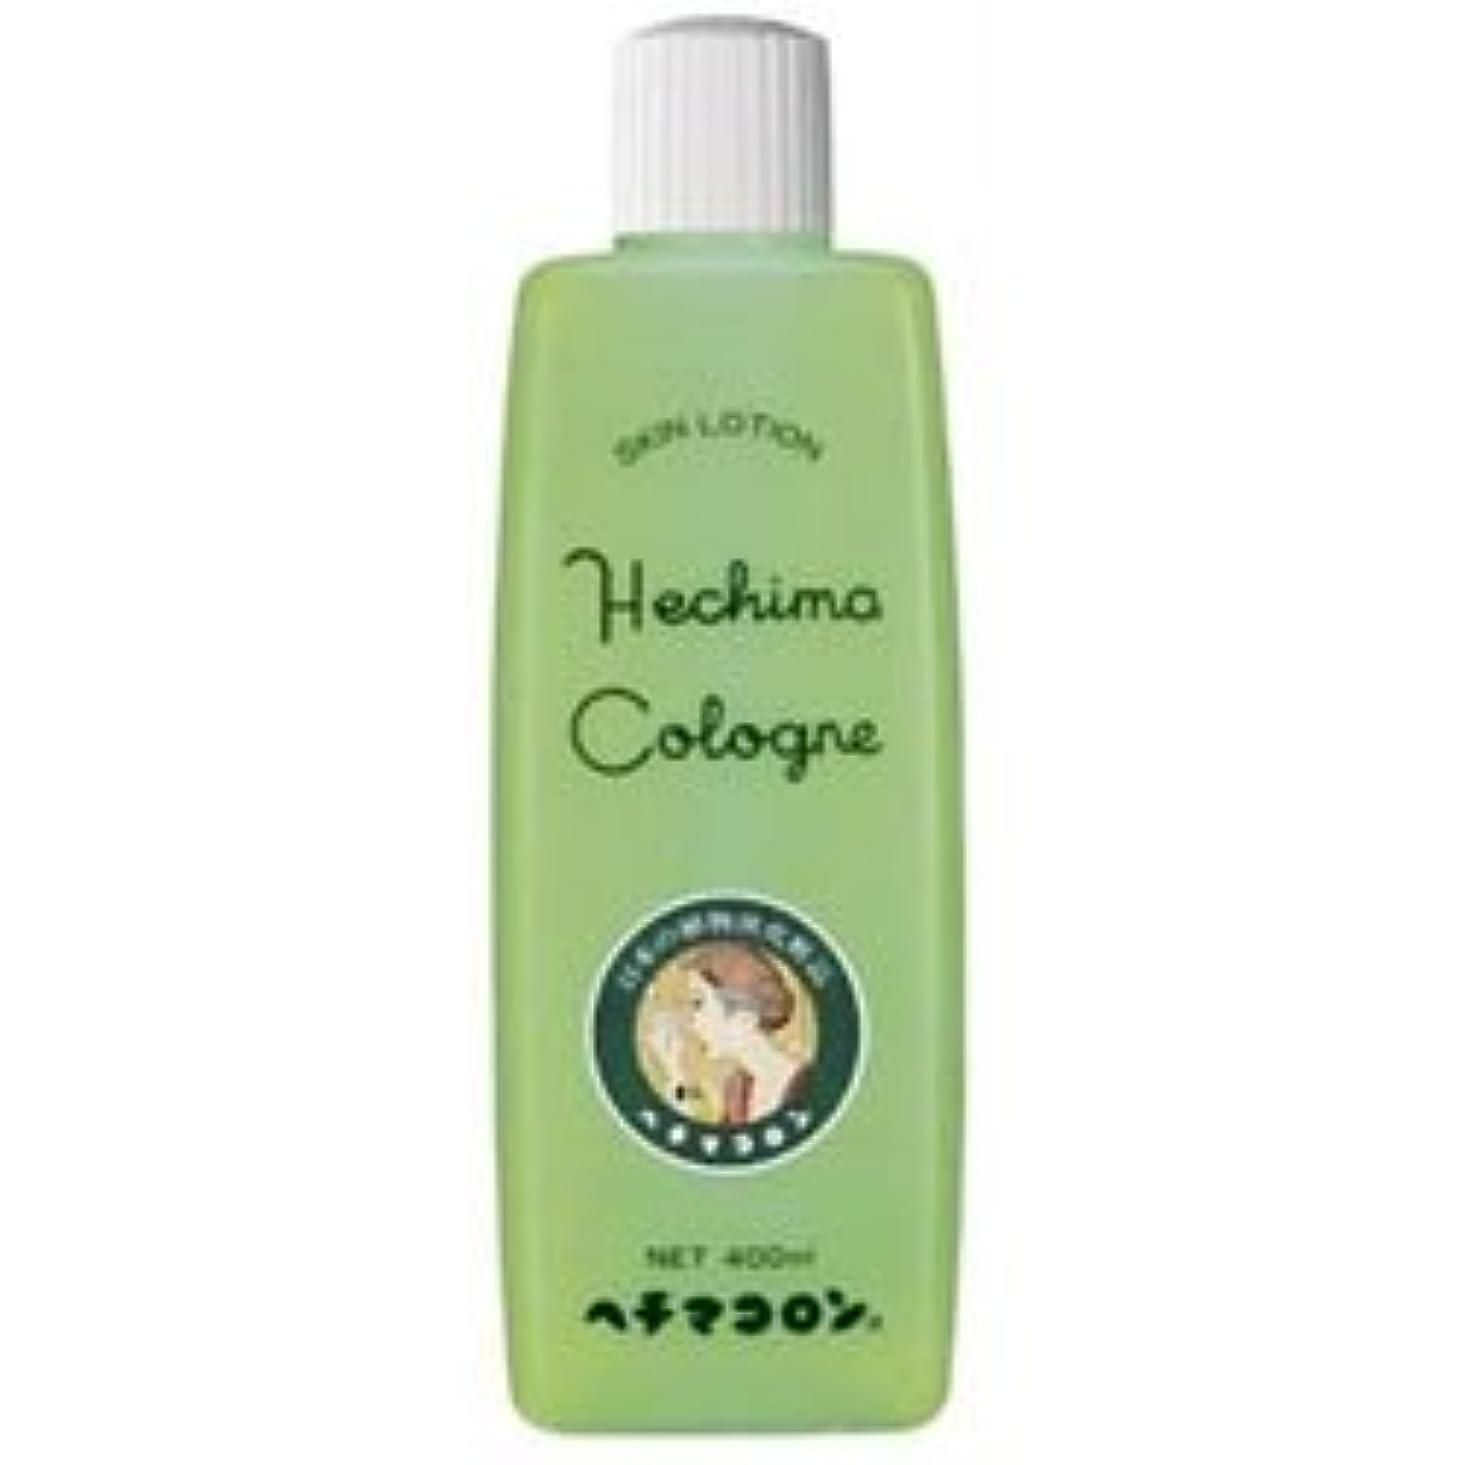 手数料劇的思春期の【ヘチマコロン】ヘチマコロンの化粧水 400ml ×3個セット